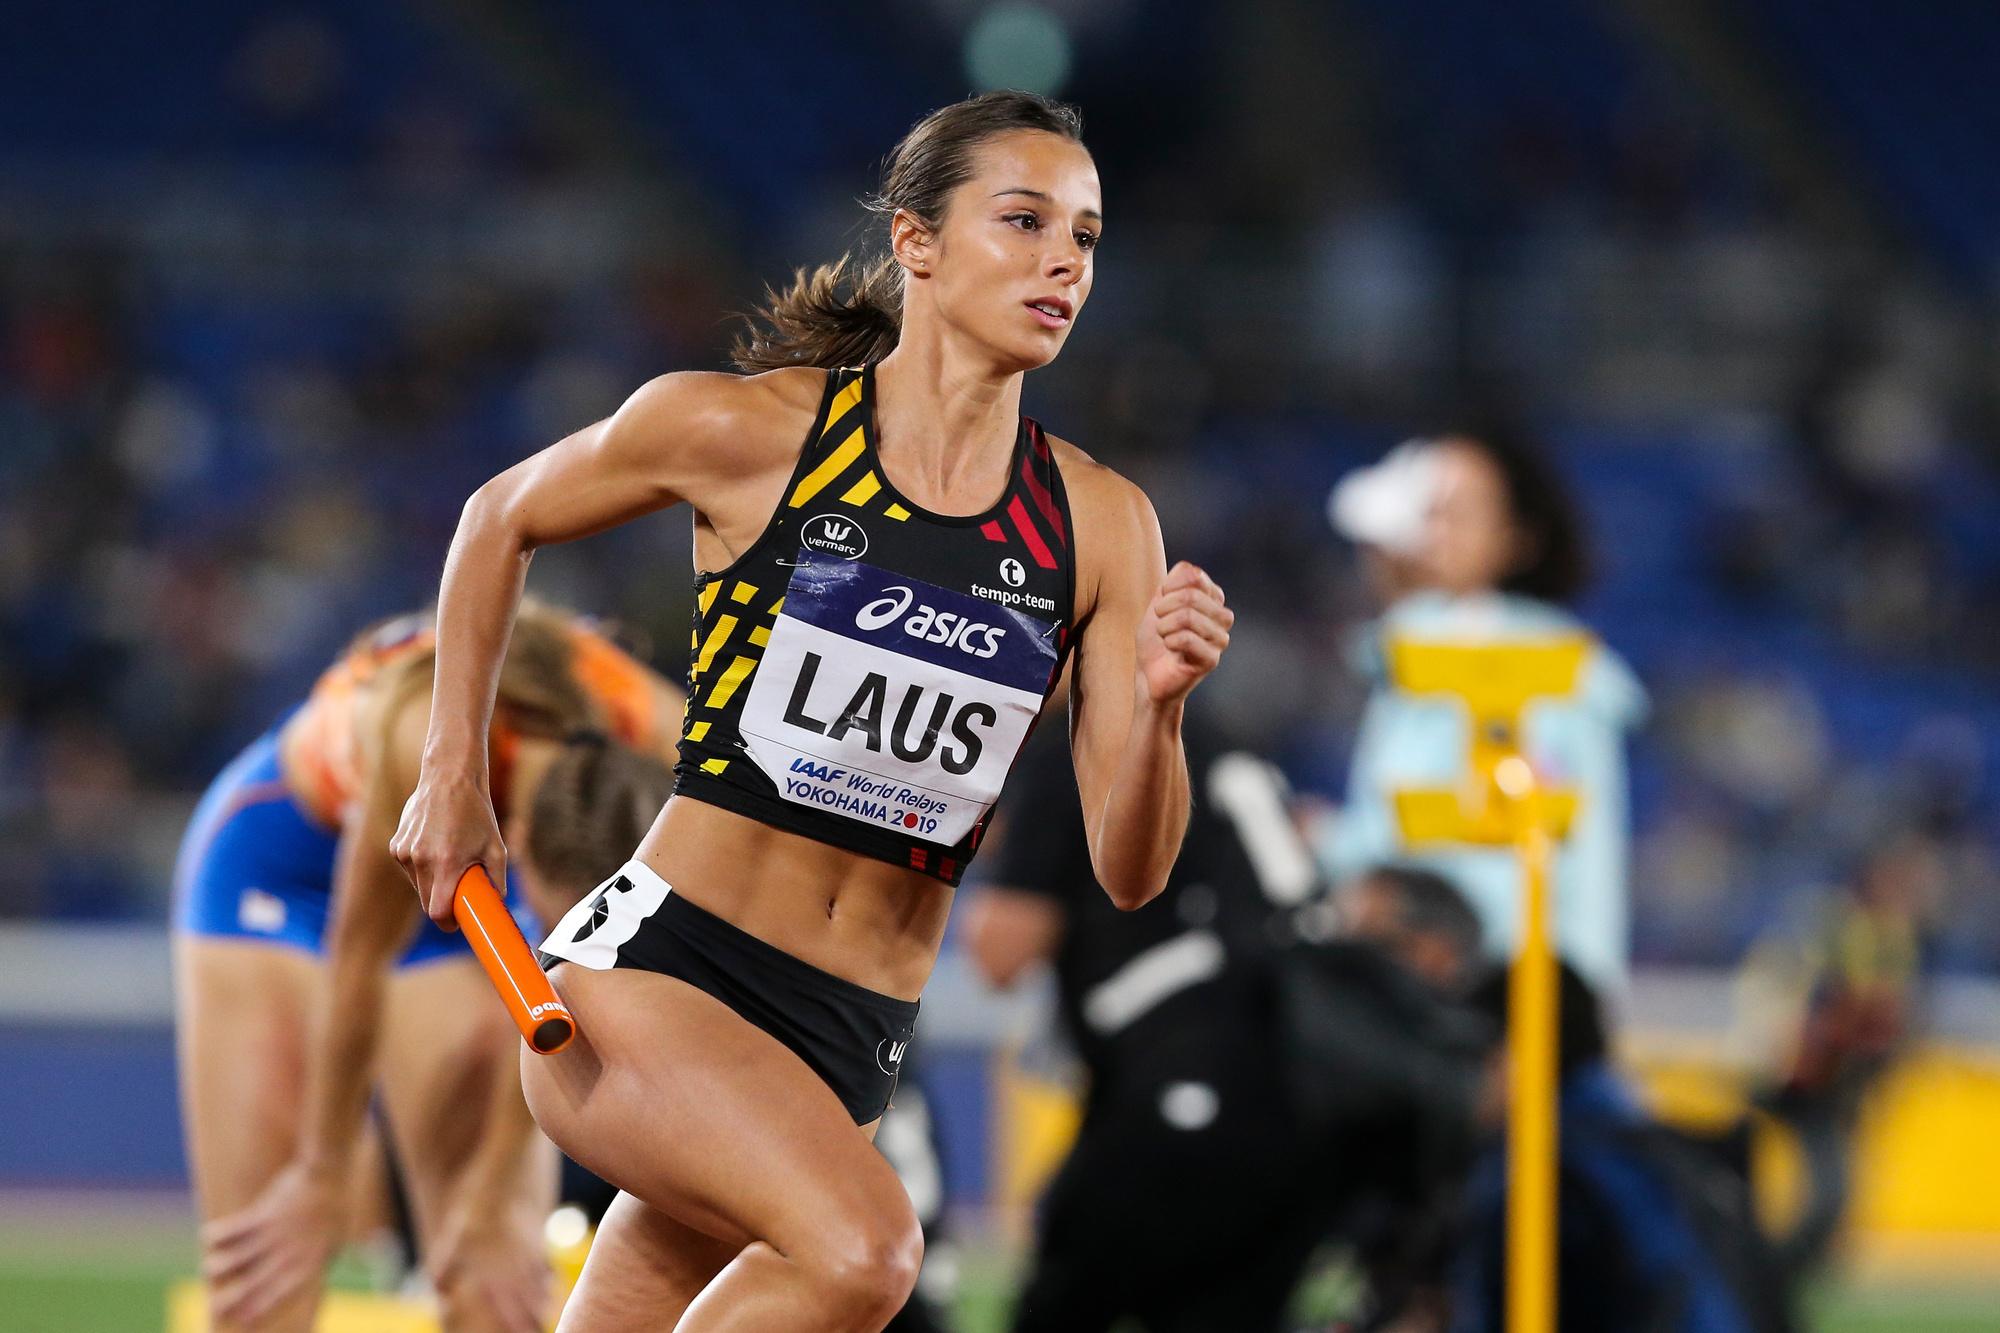 Camille Laus, belga